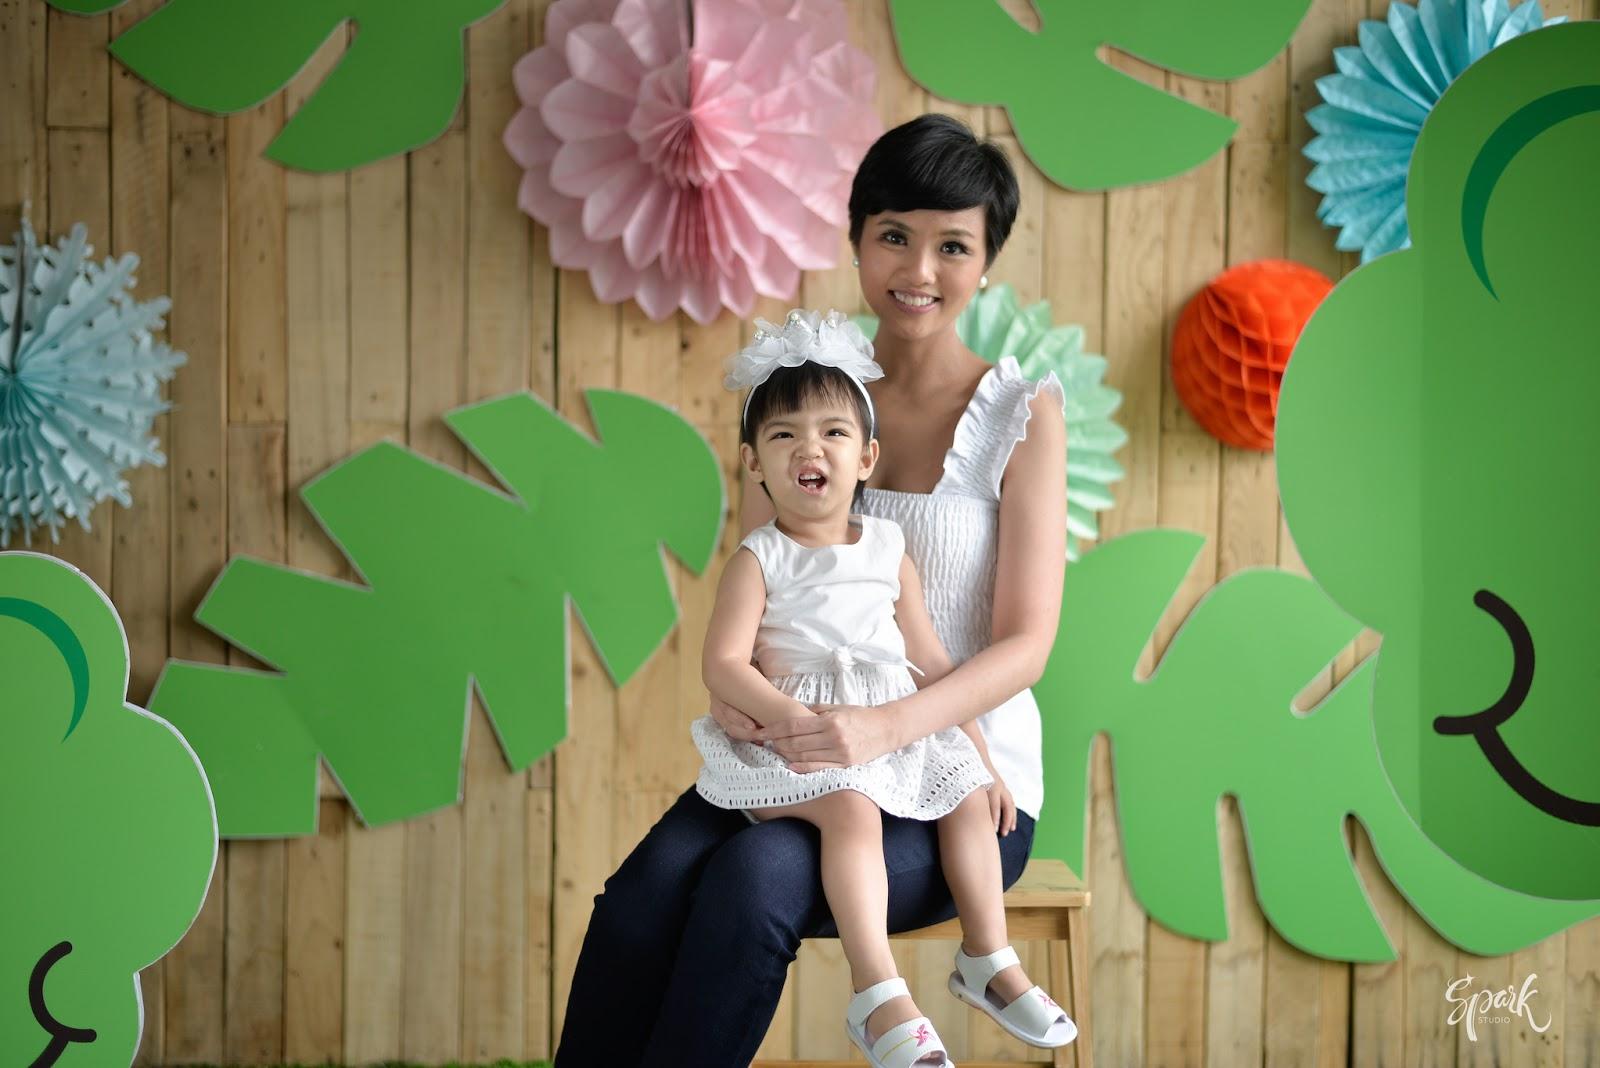 mom-blog-twins-parenting-family 2